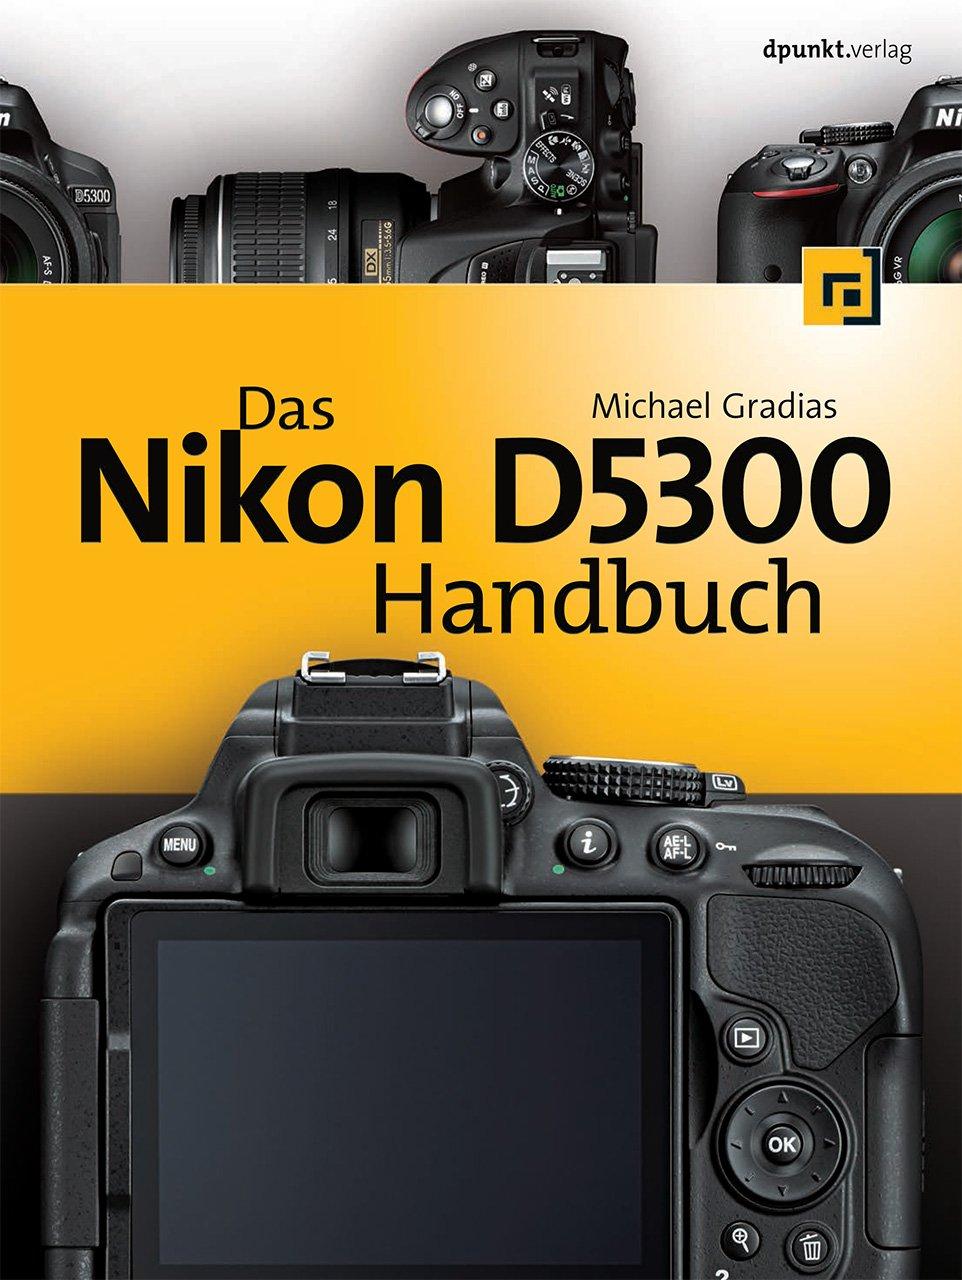 Das Nikon D5300 Handbuch: Amazon.es: Gradias, Michael: Libros en ...